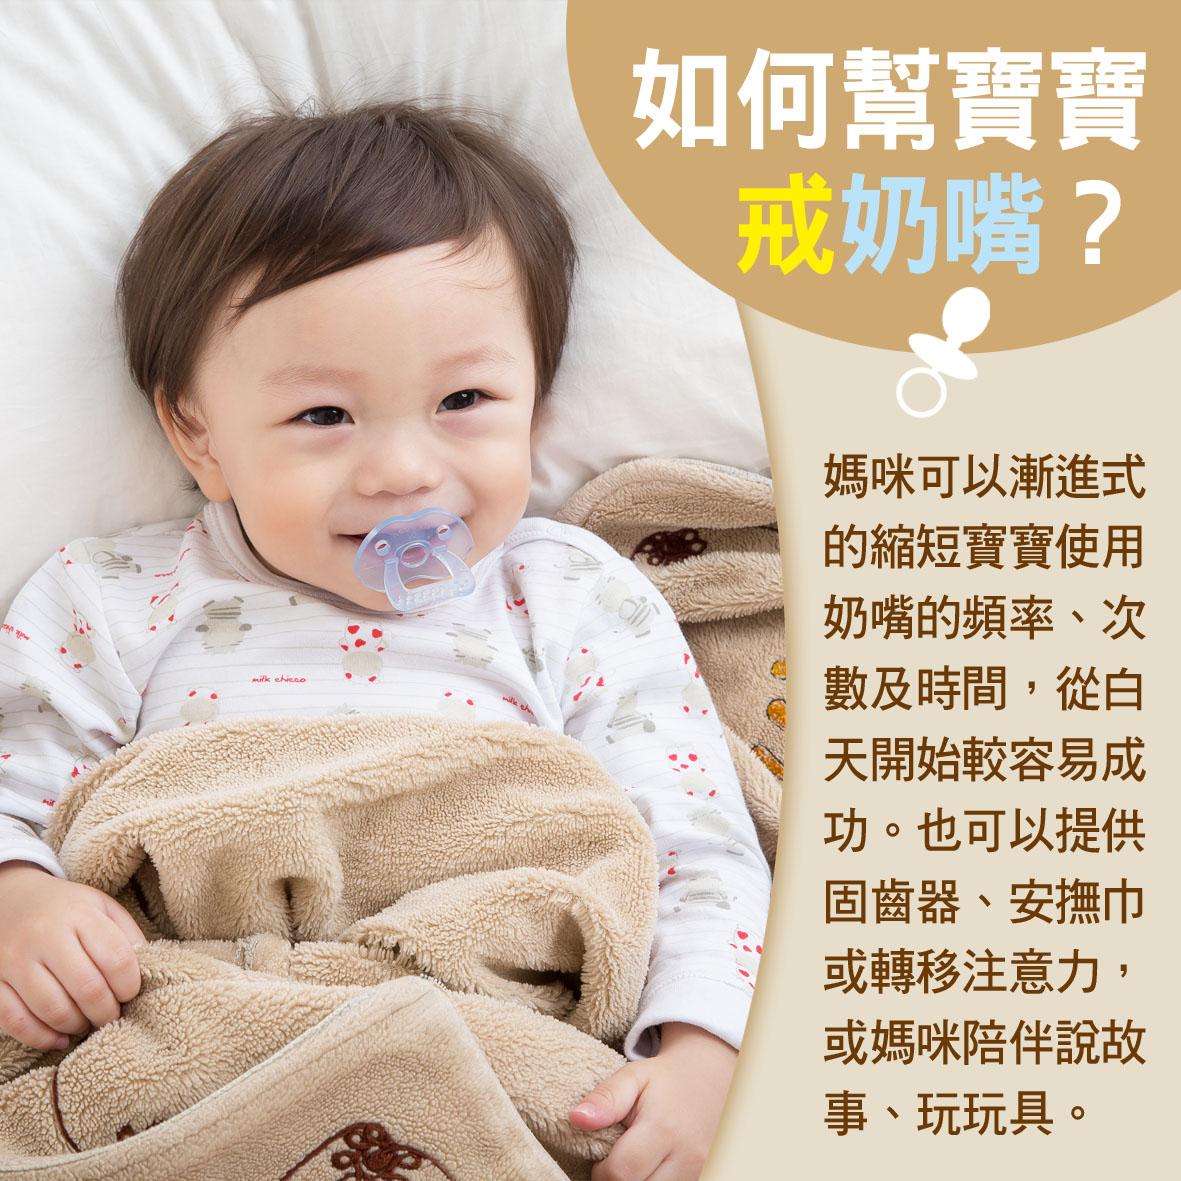 寶寶篇第45週-如何幫寶寶戒奶嘴?